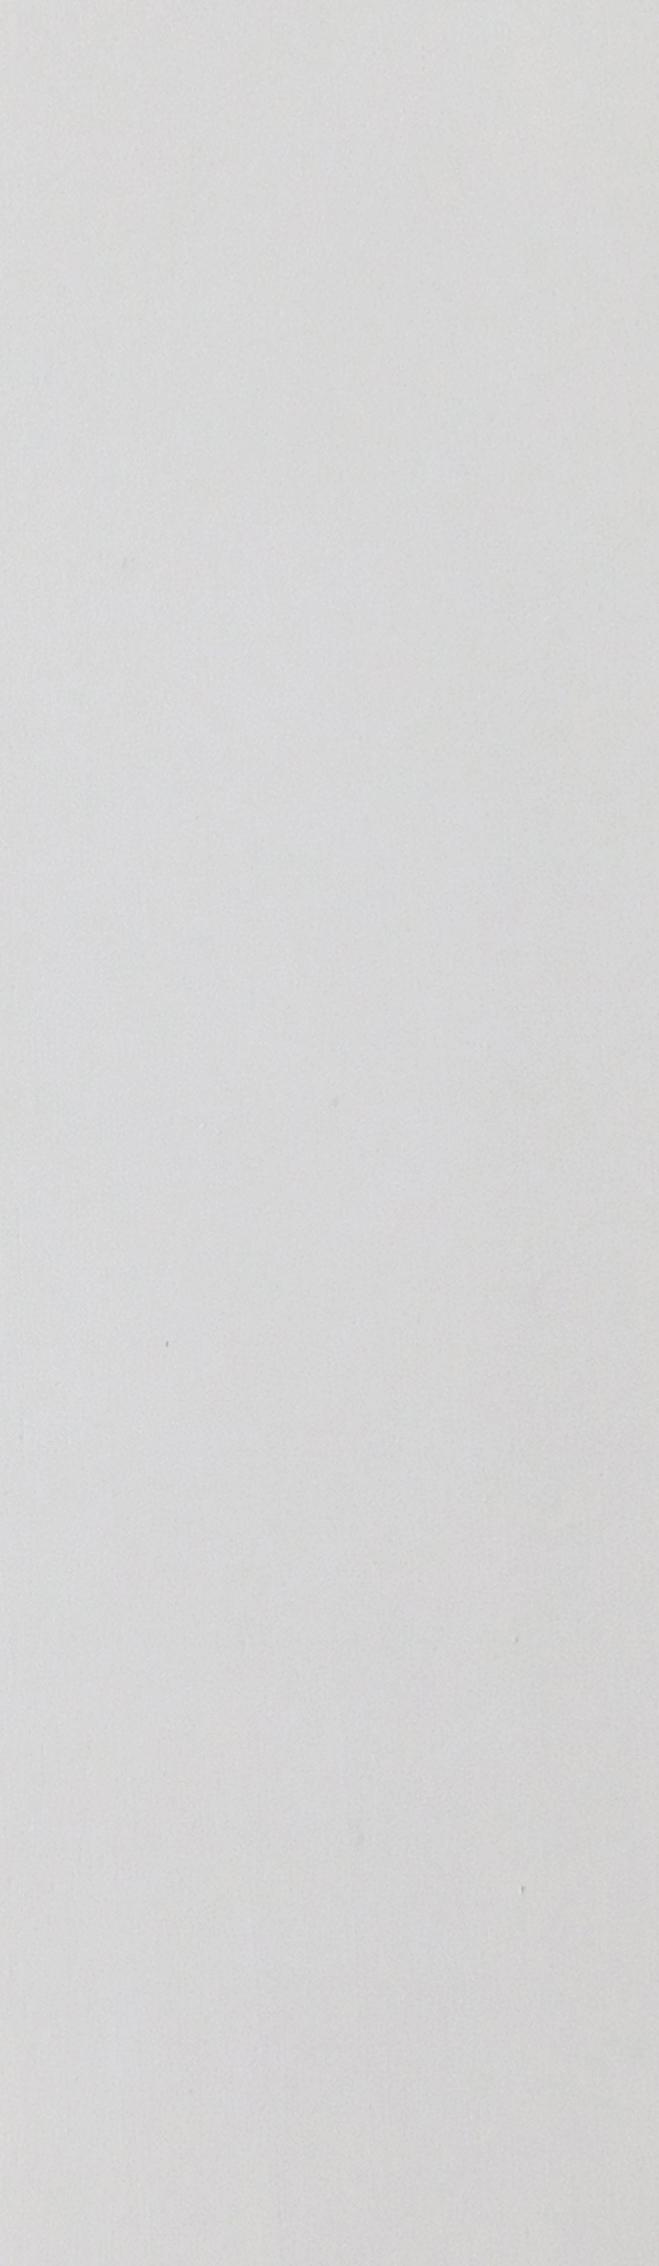 White Linen Basic Wooden Slat